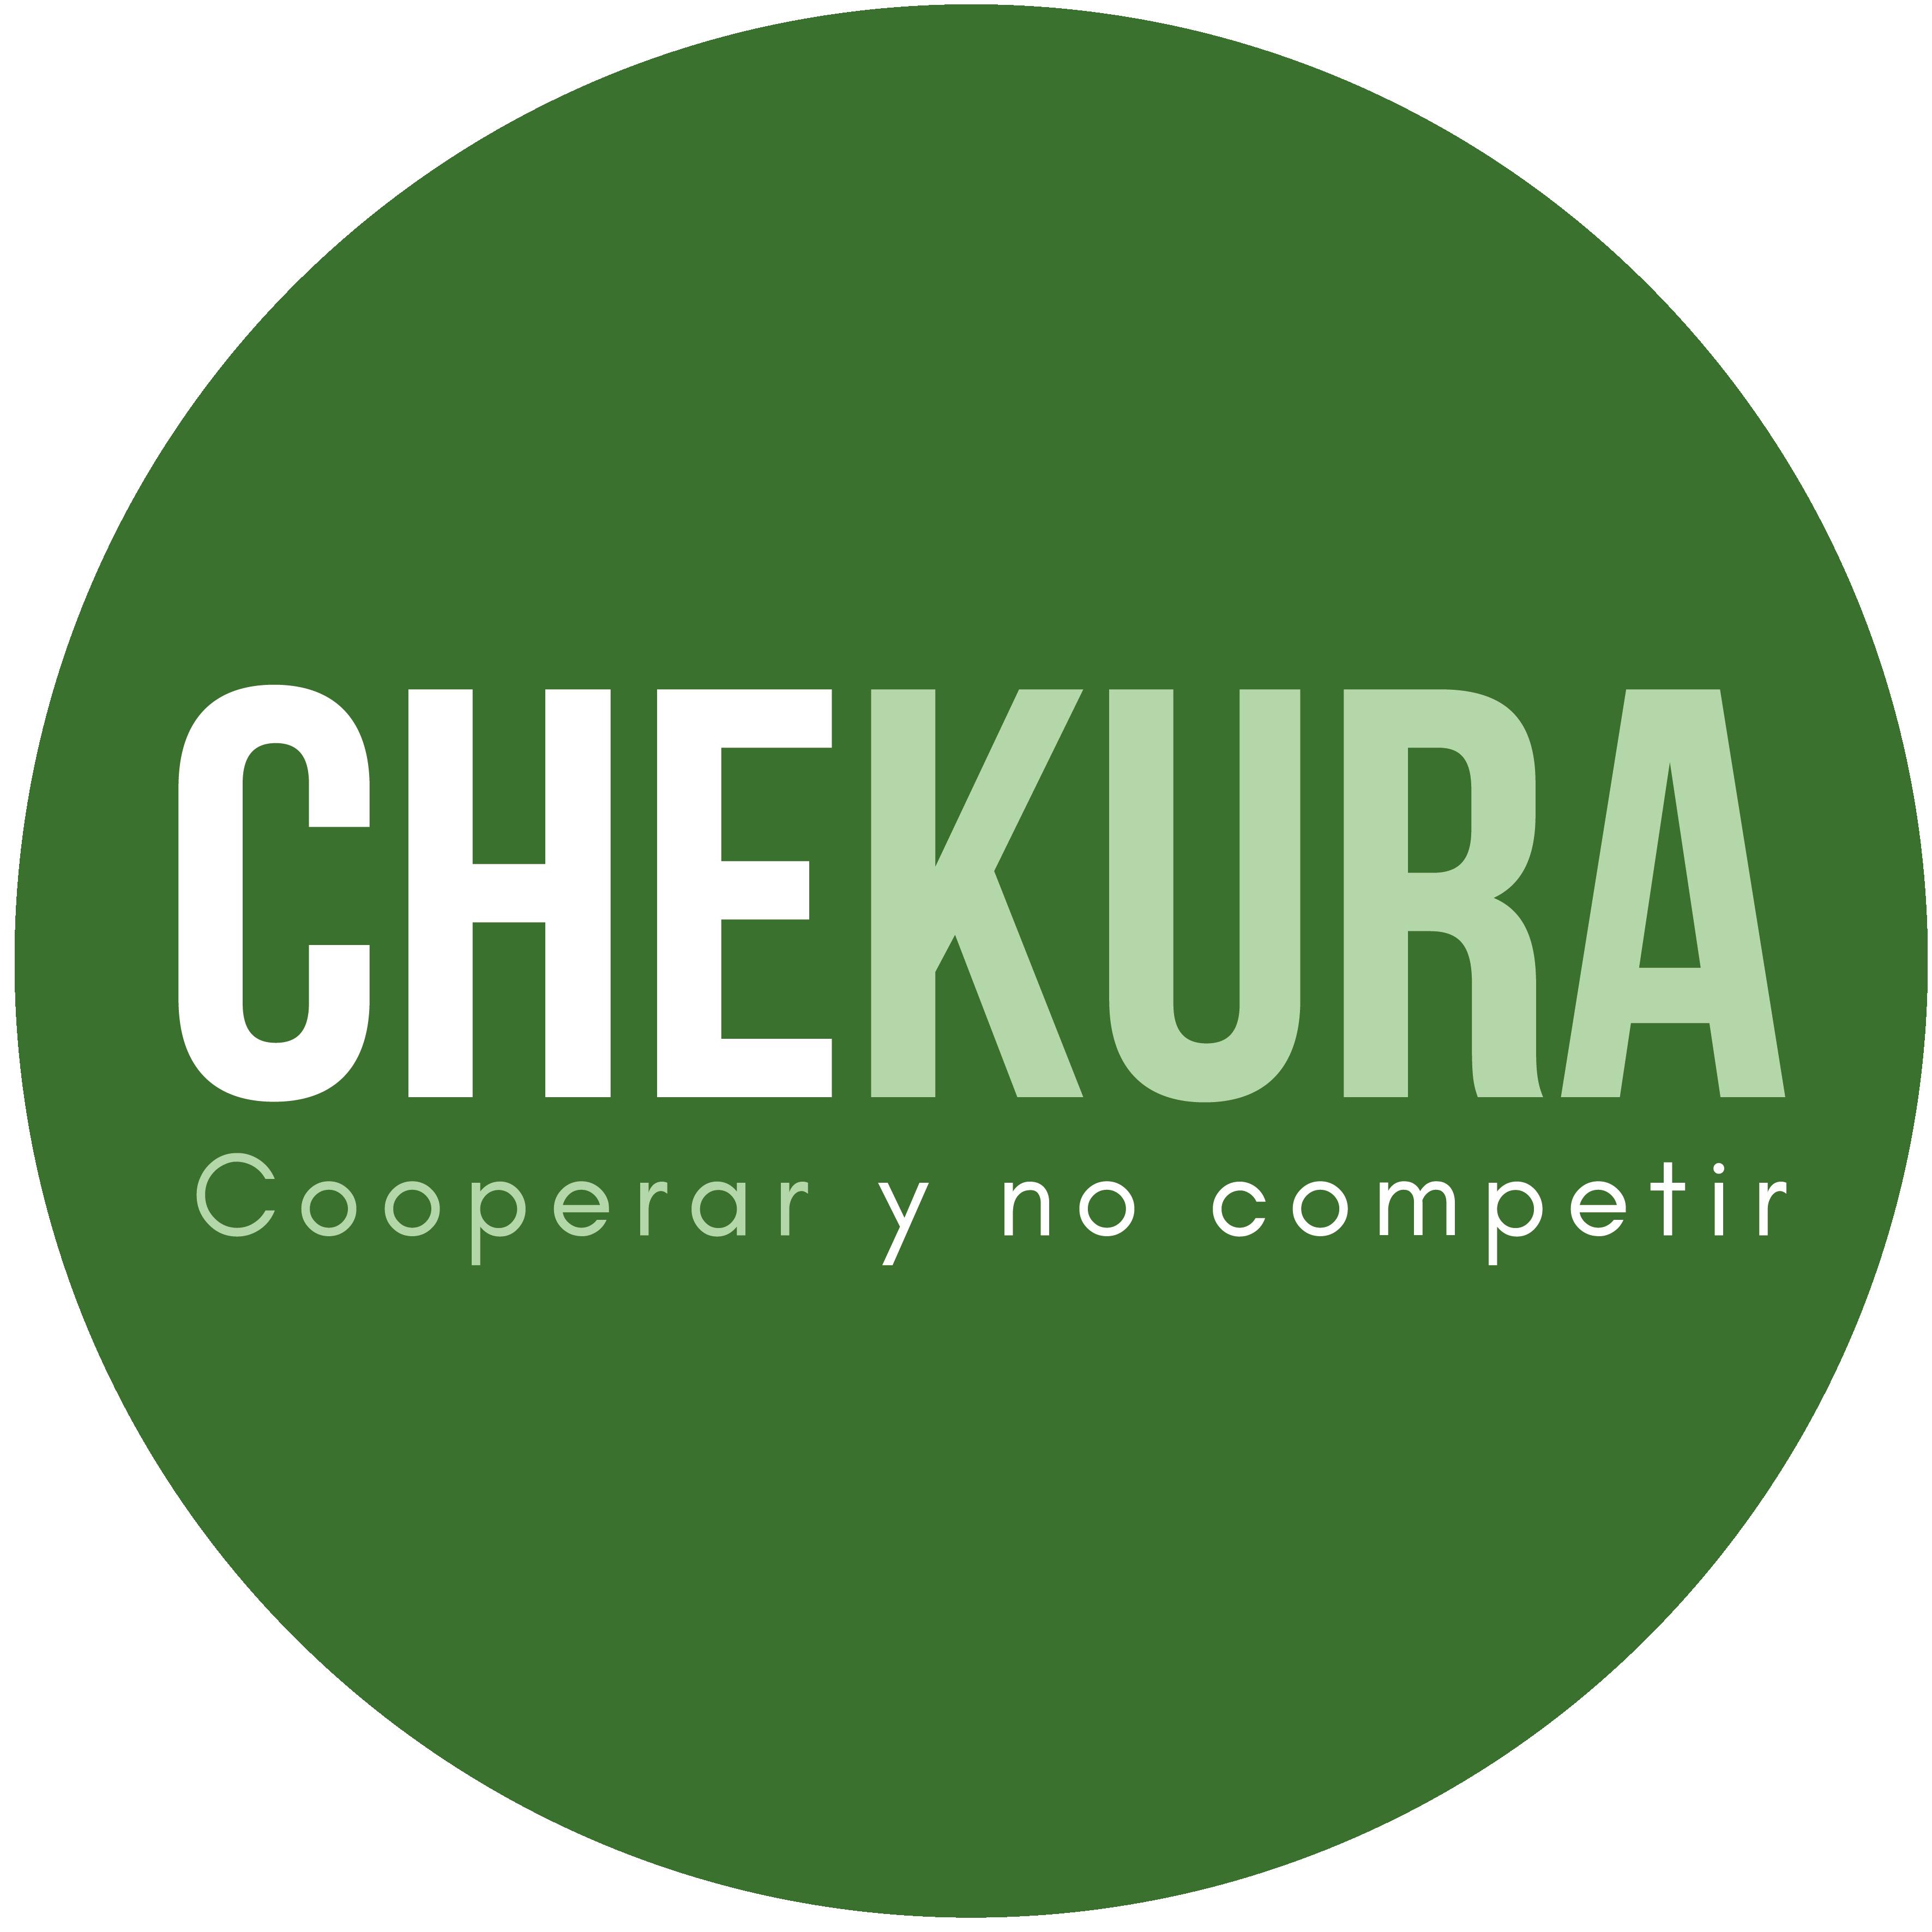 CheKura